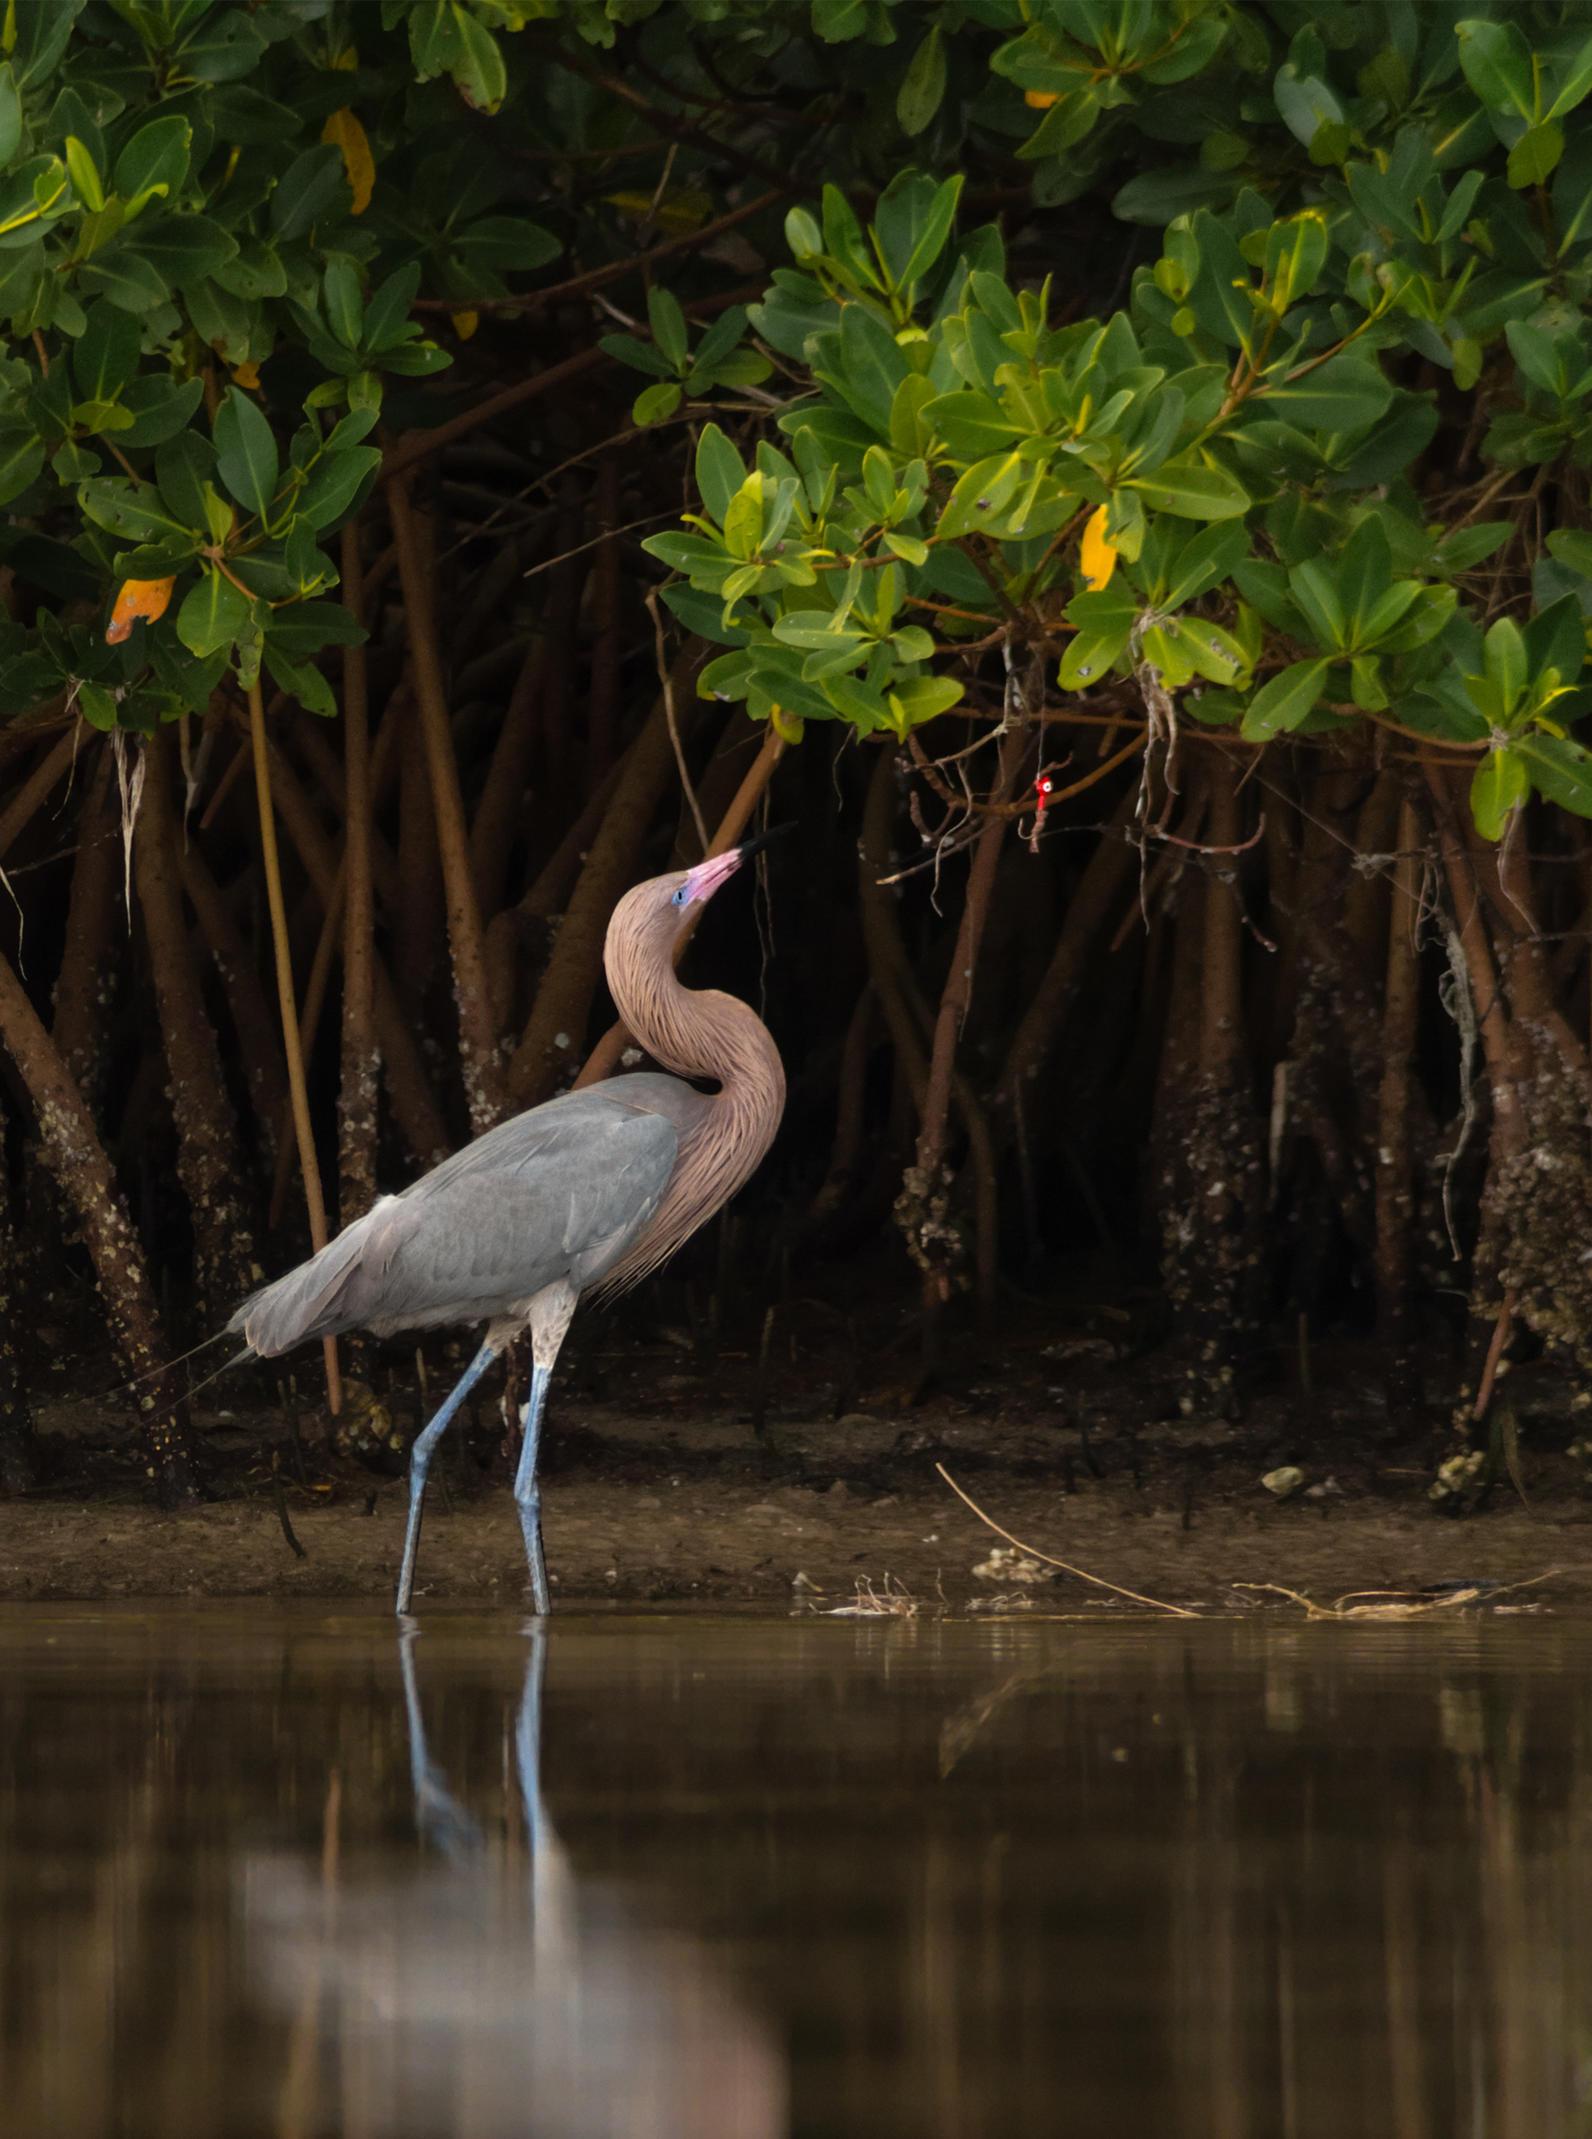 Reddish Egret in the Everglades.